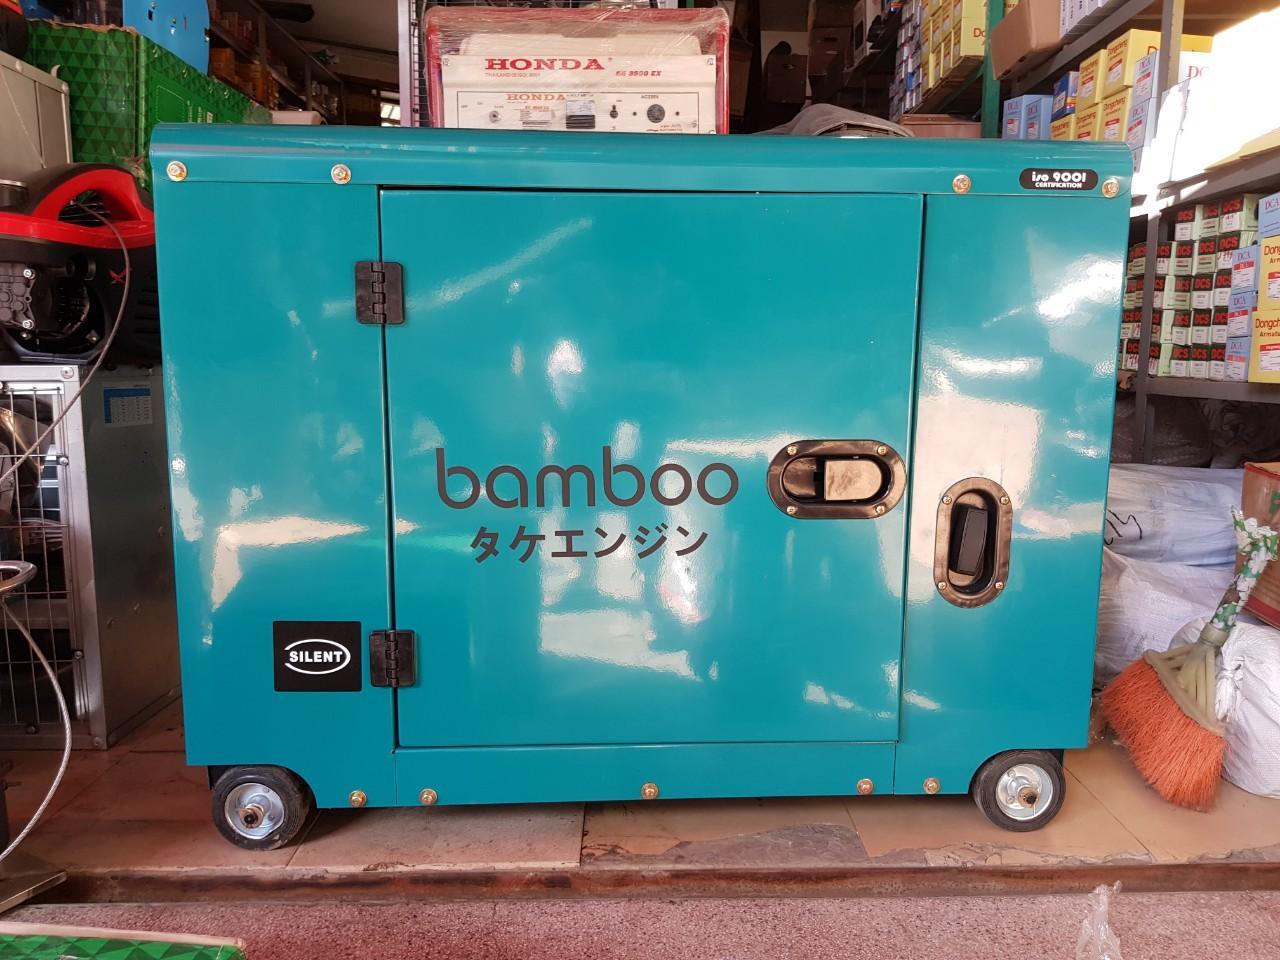 Máy phát điện bamboo BMB 9800ET new 7.5Kw, chống ồn